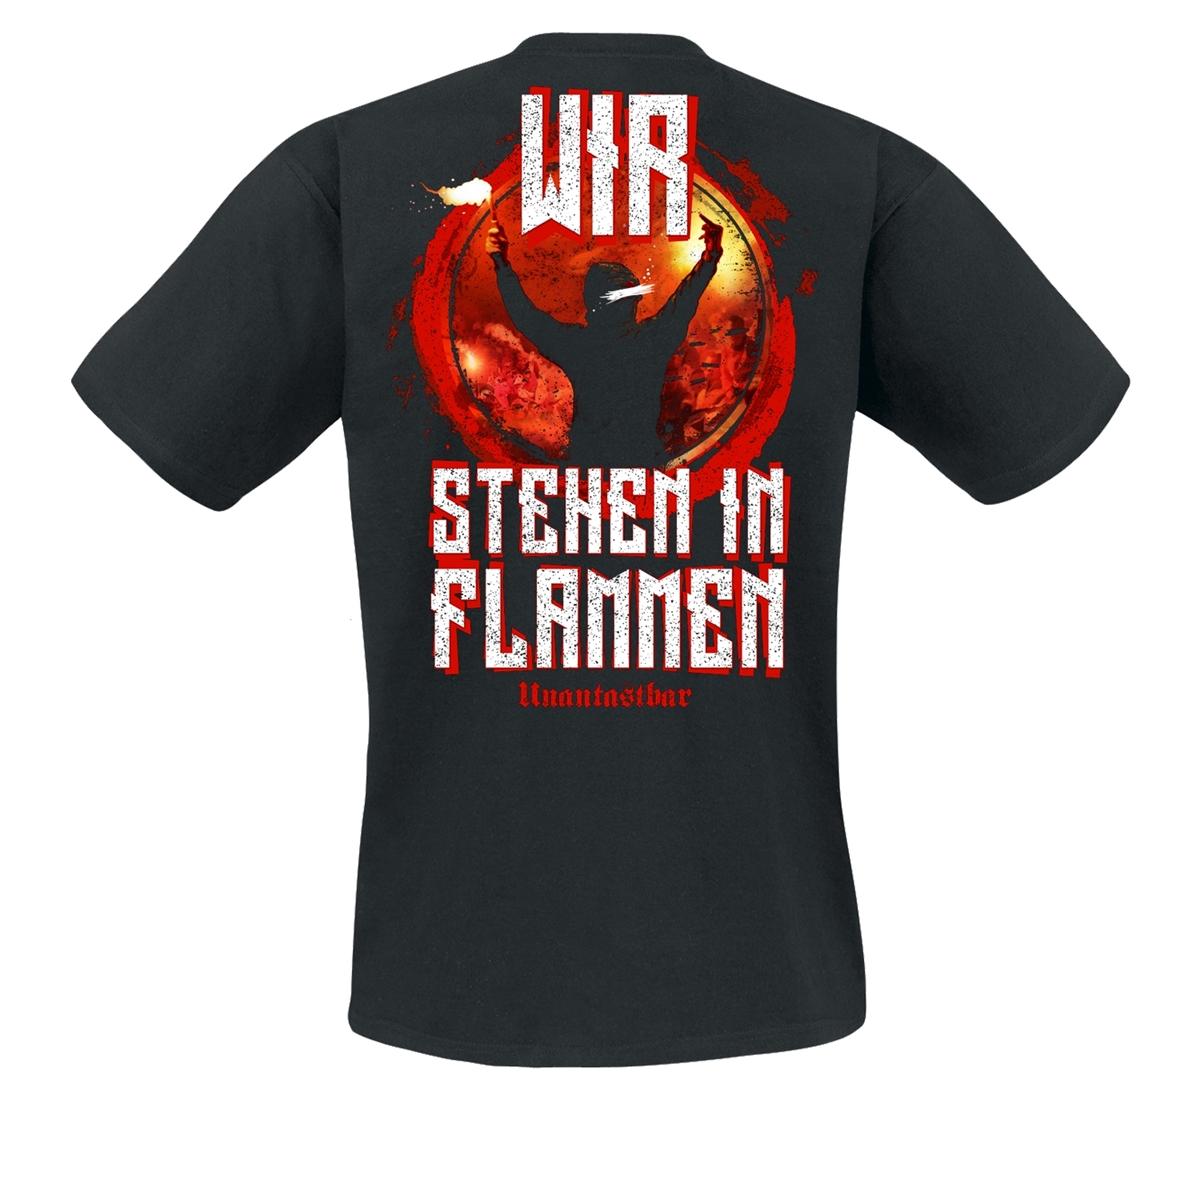 Unantastbar - Das Stadion brennt, T-Shirt